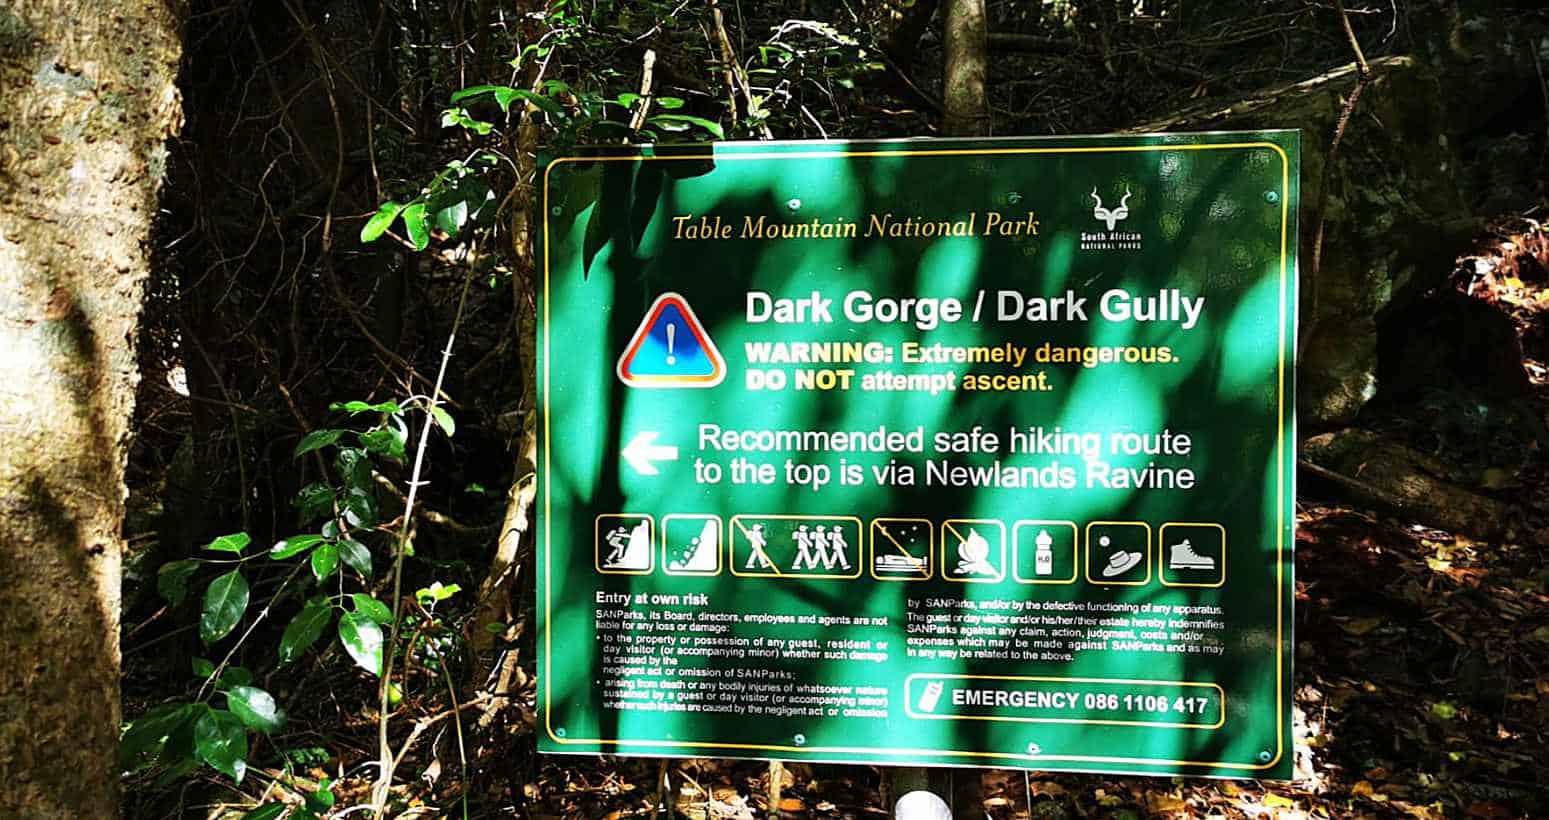 Panneau de départ de l'itinéraire de randonnée de la gorge sombre